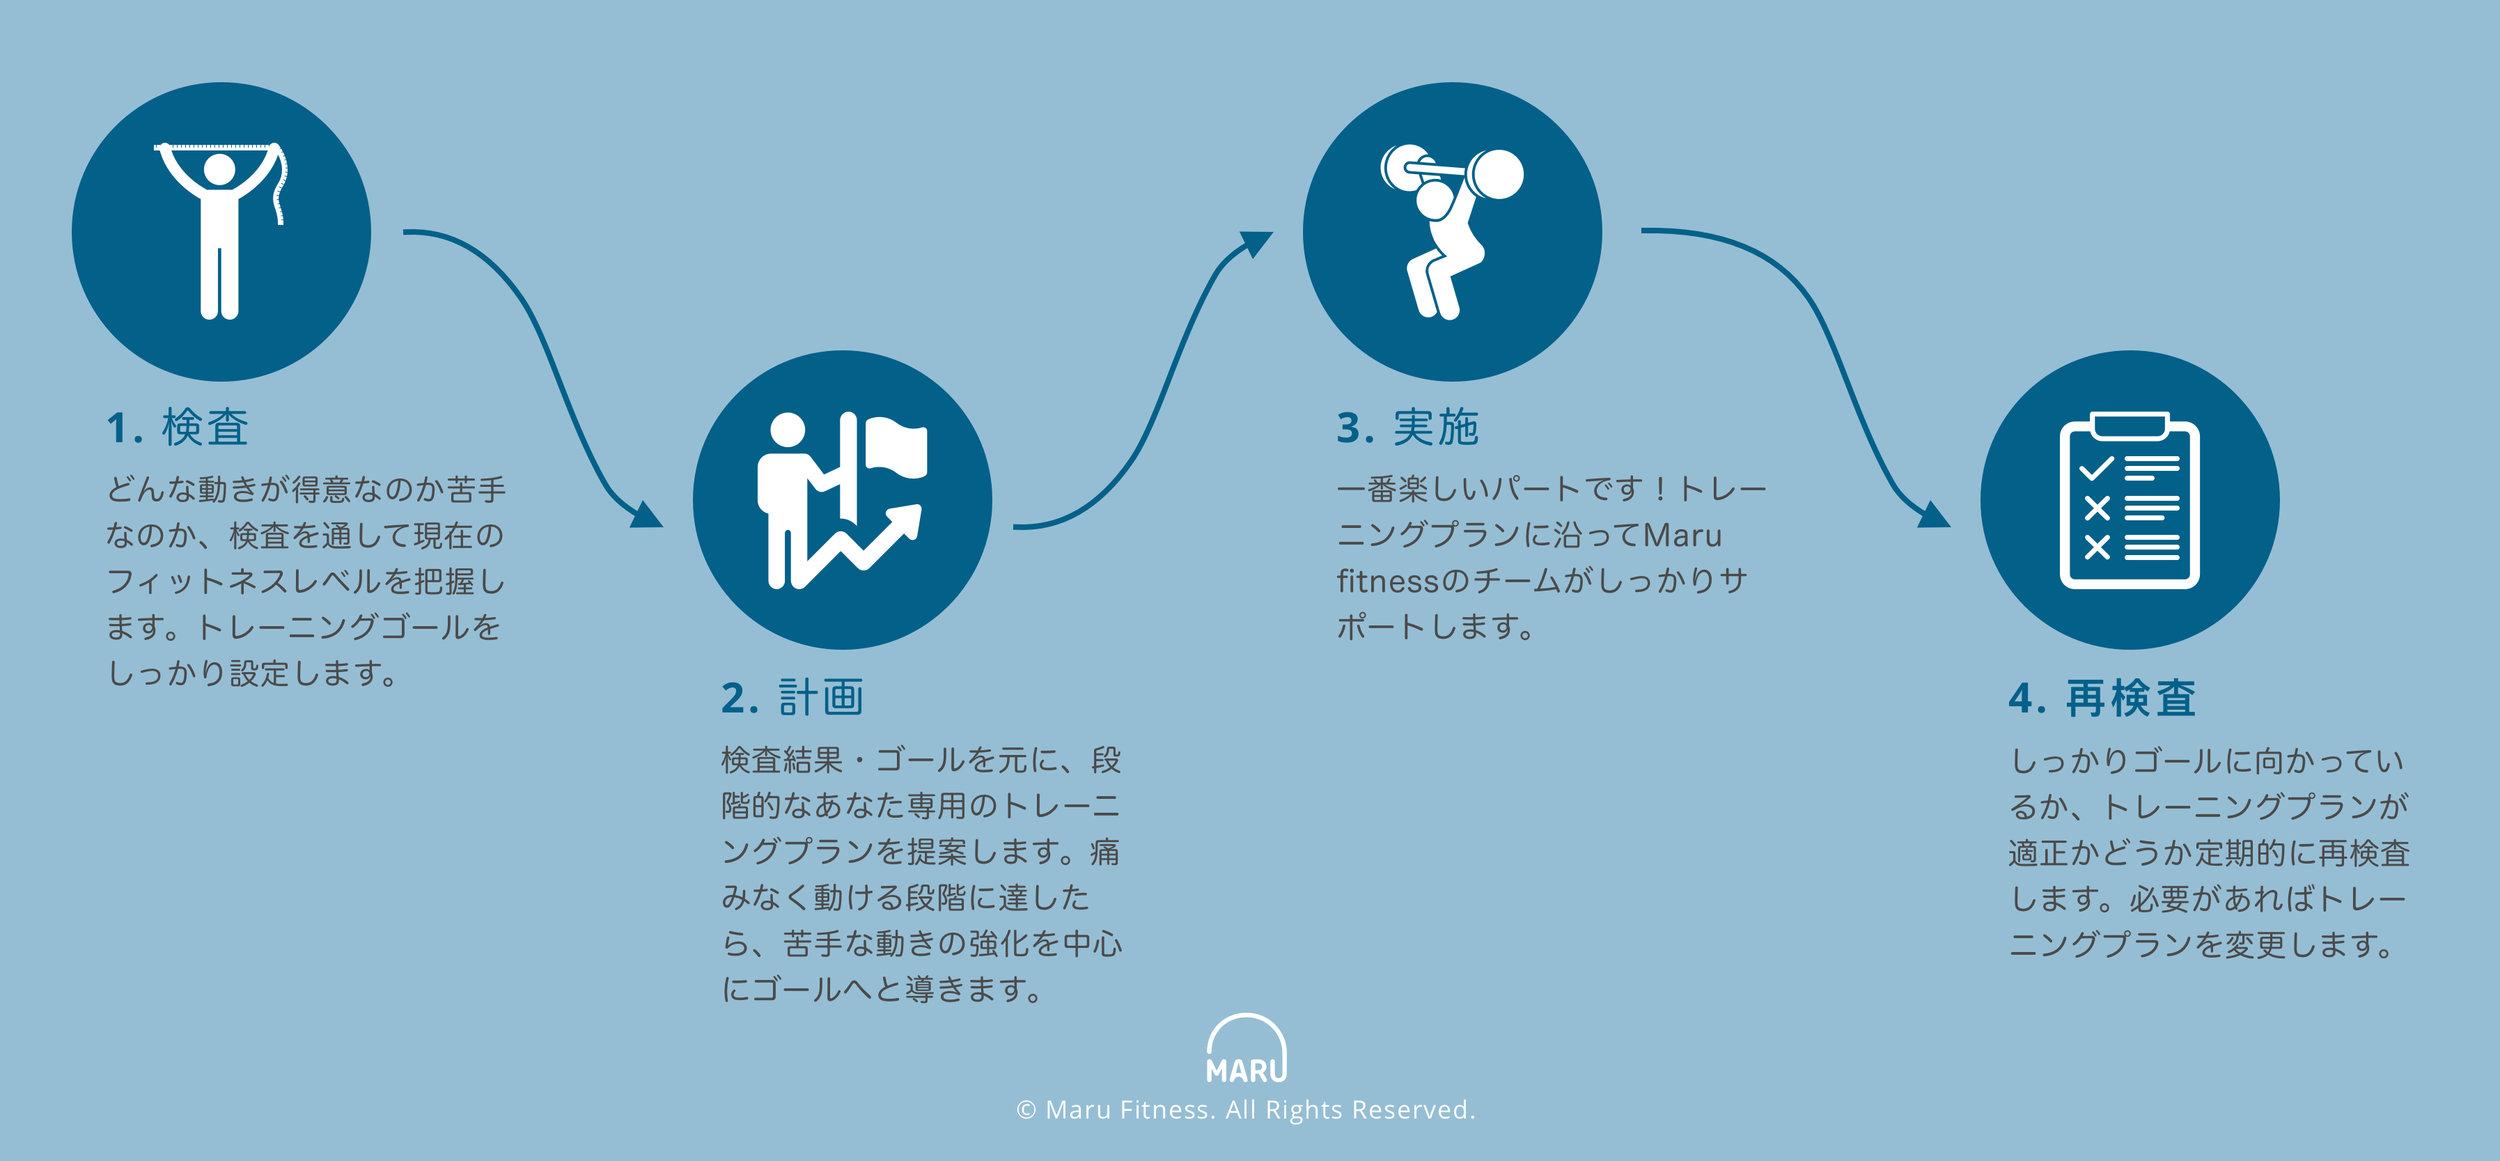 How we train-jp.jpg